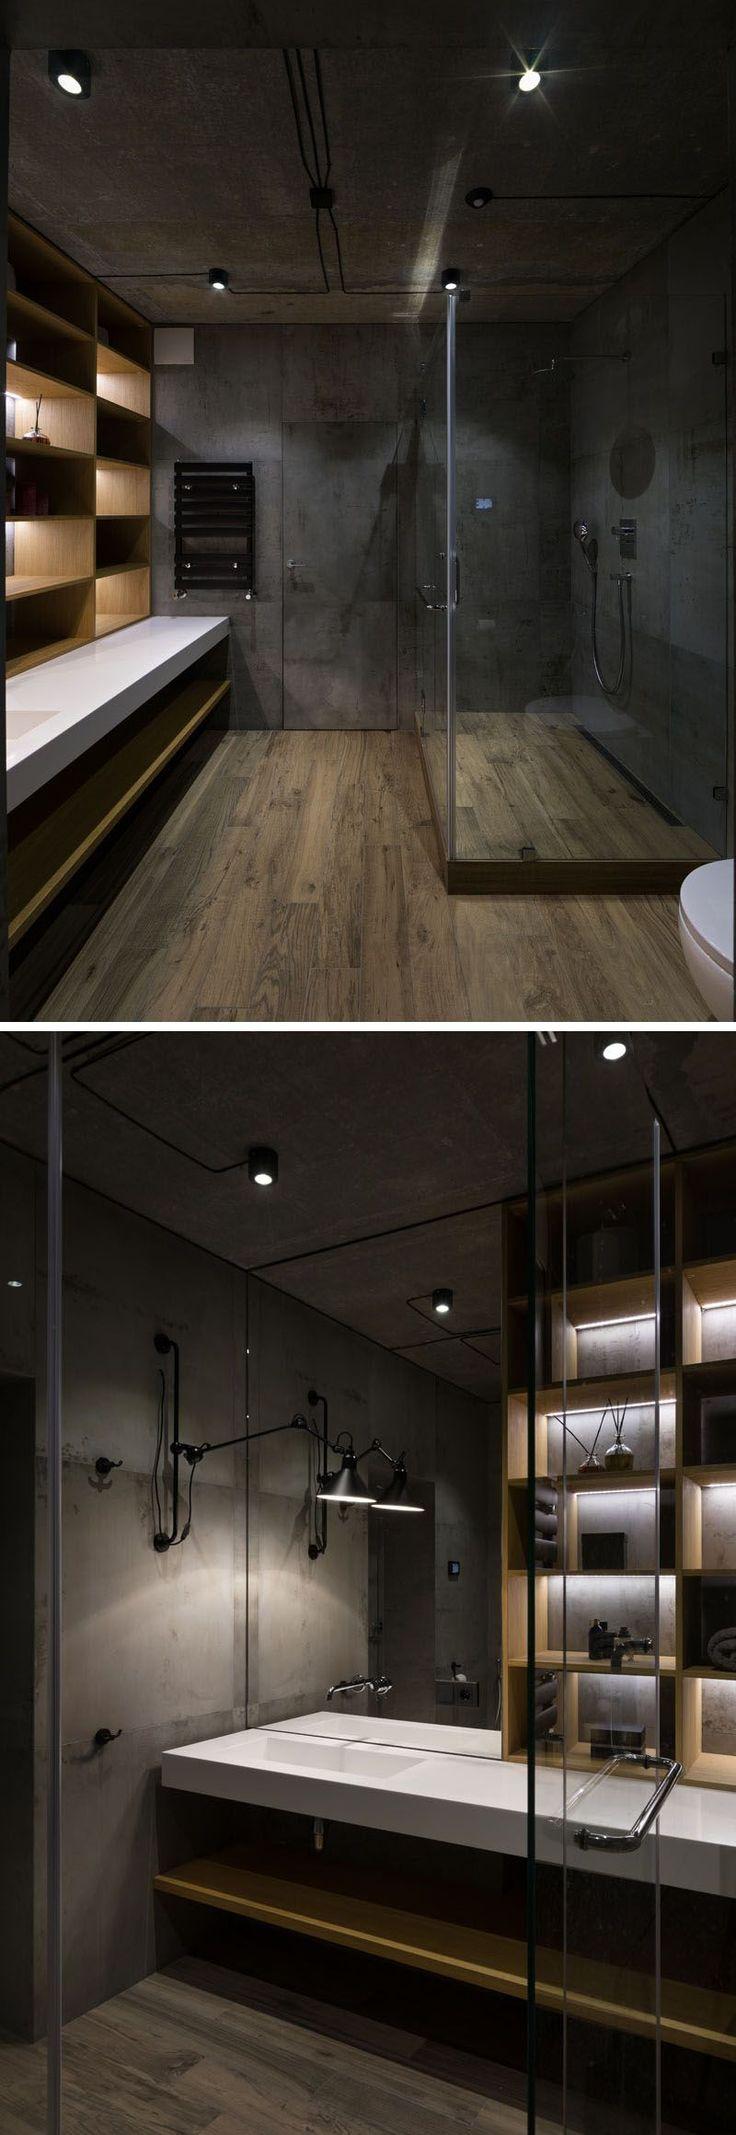 schijn houten tegel vloer, schijn beton wanden en plafond. Draad gewoon over wand en plafond getrokken voor industrieel uiterlijk.